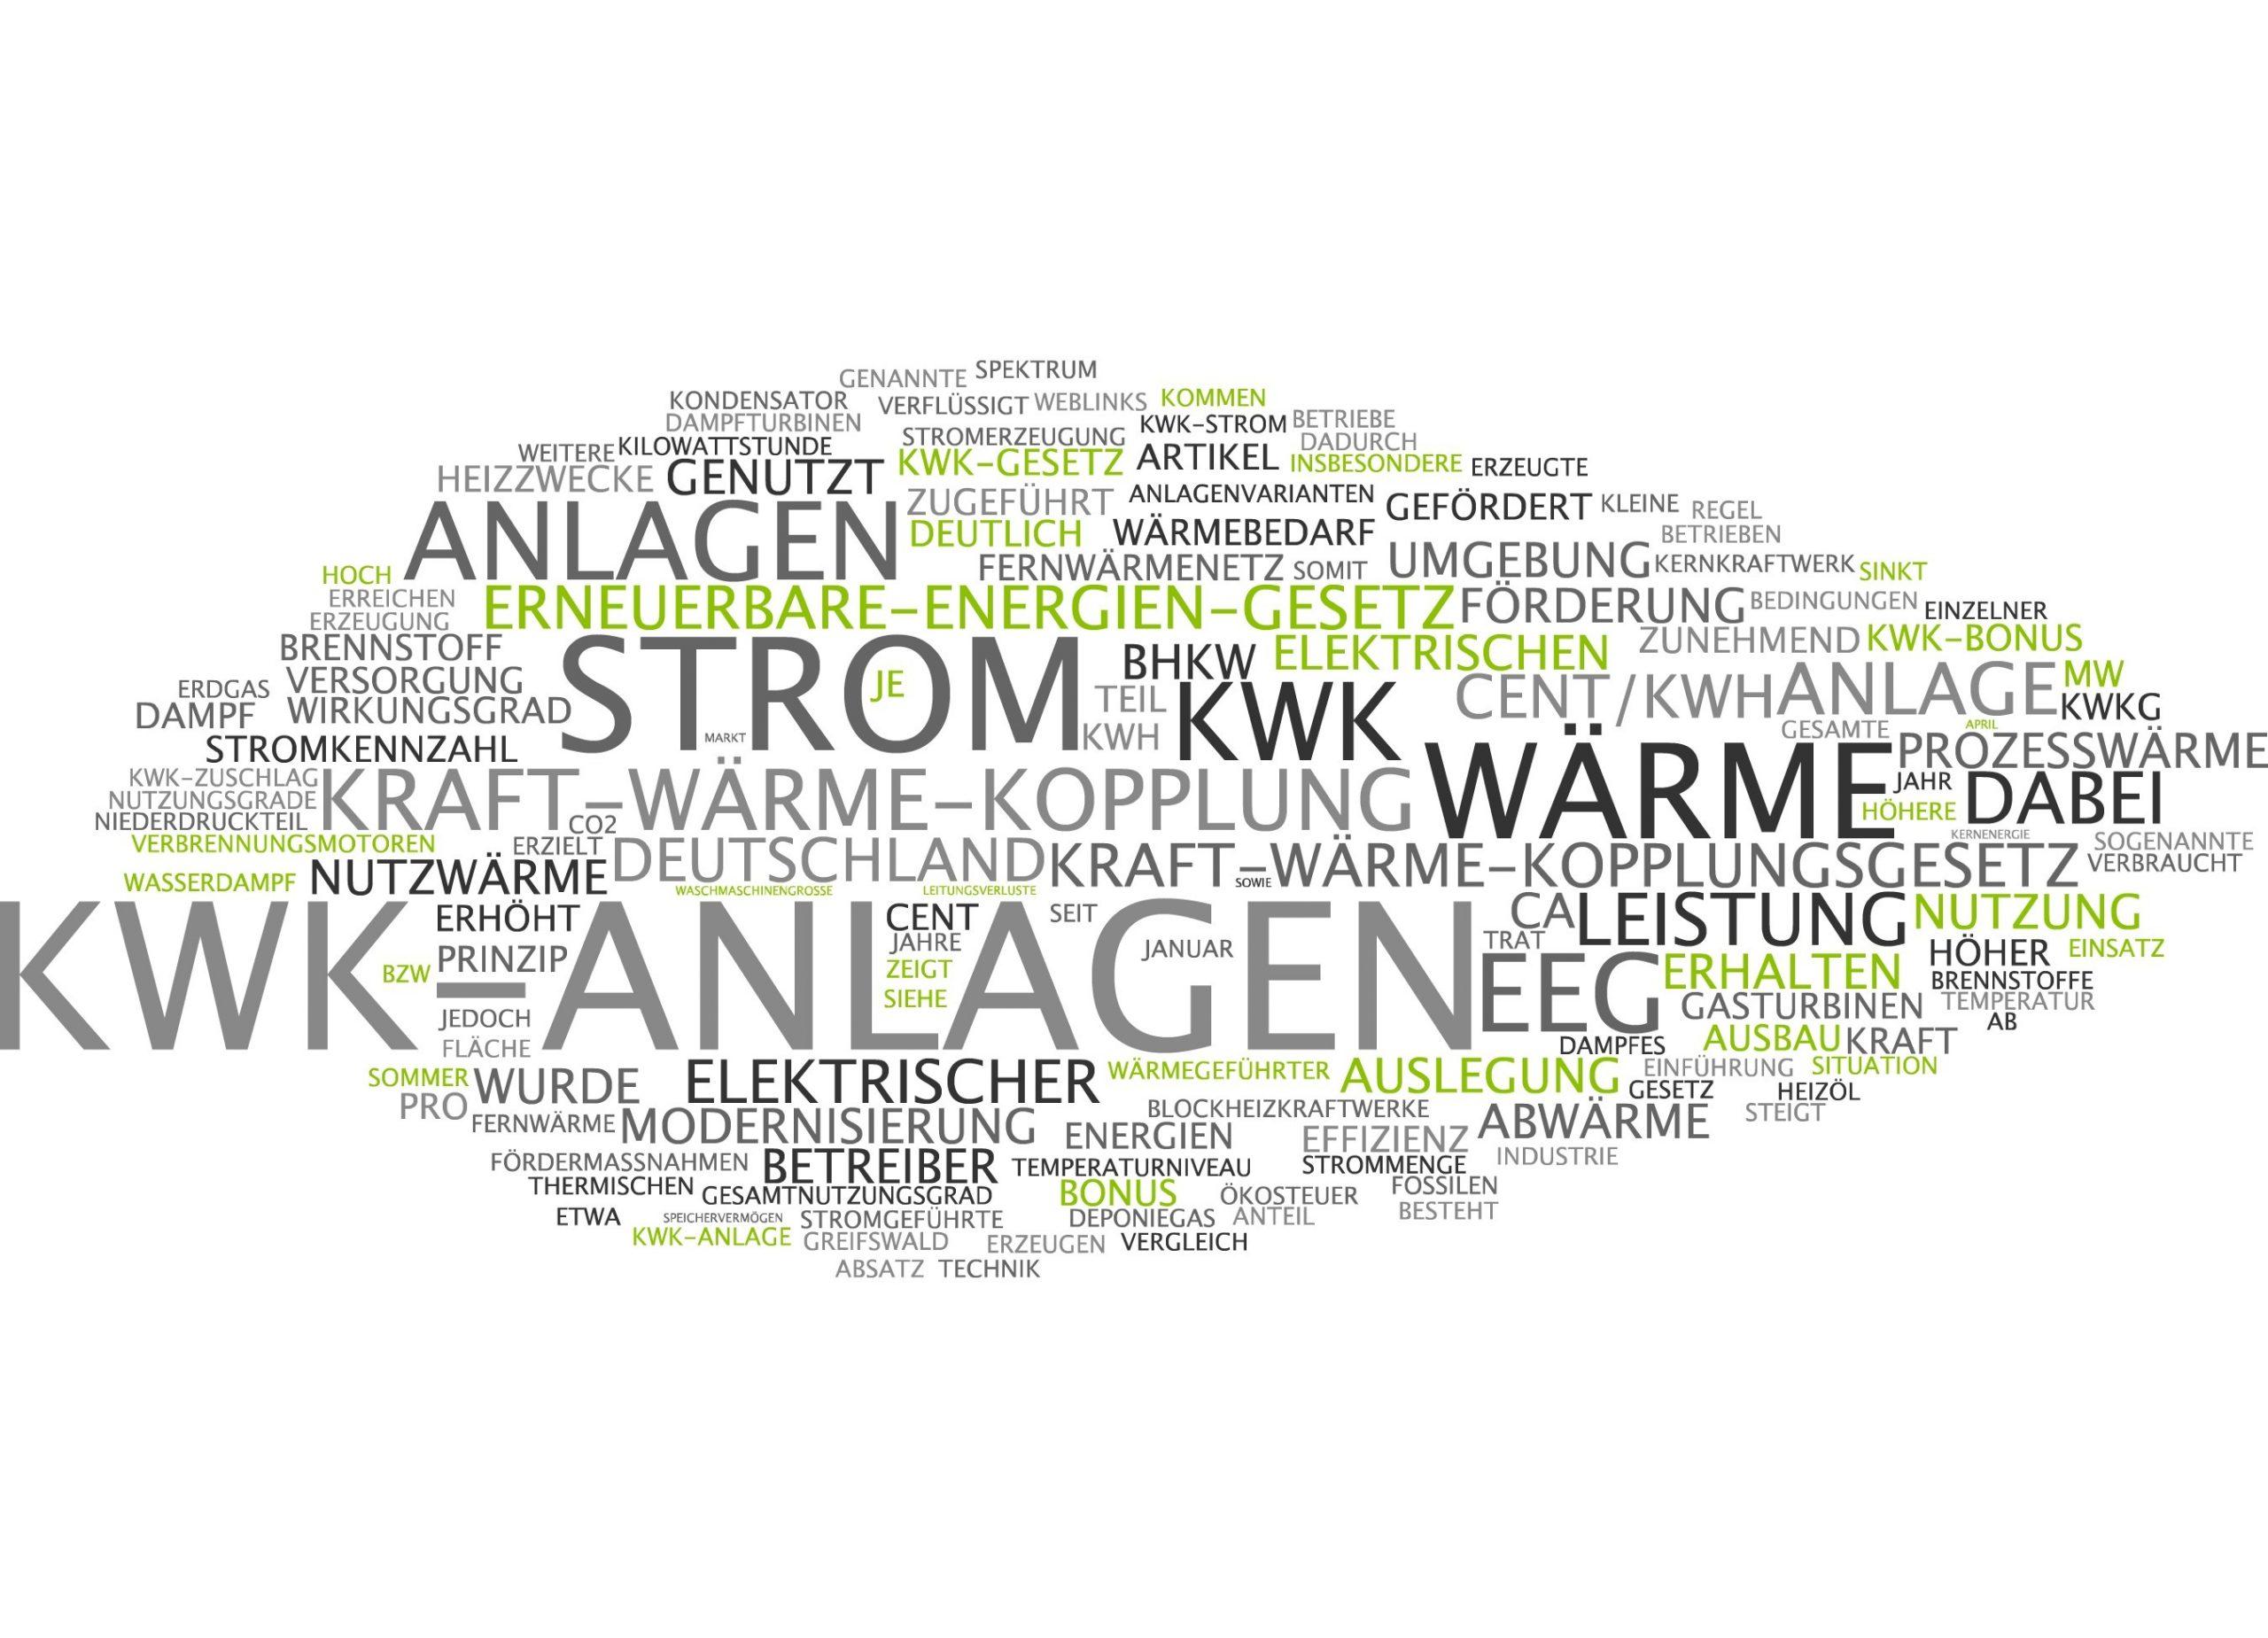 Zehn Millionen Euro Zuschuss für innovative KWK-Anlage